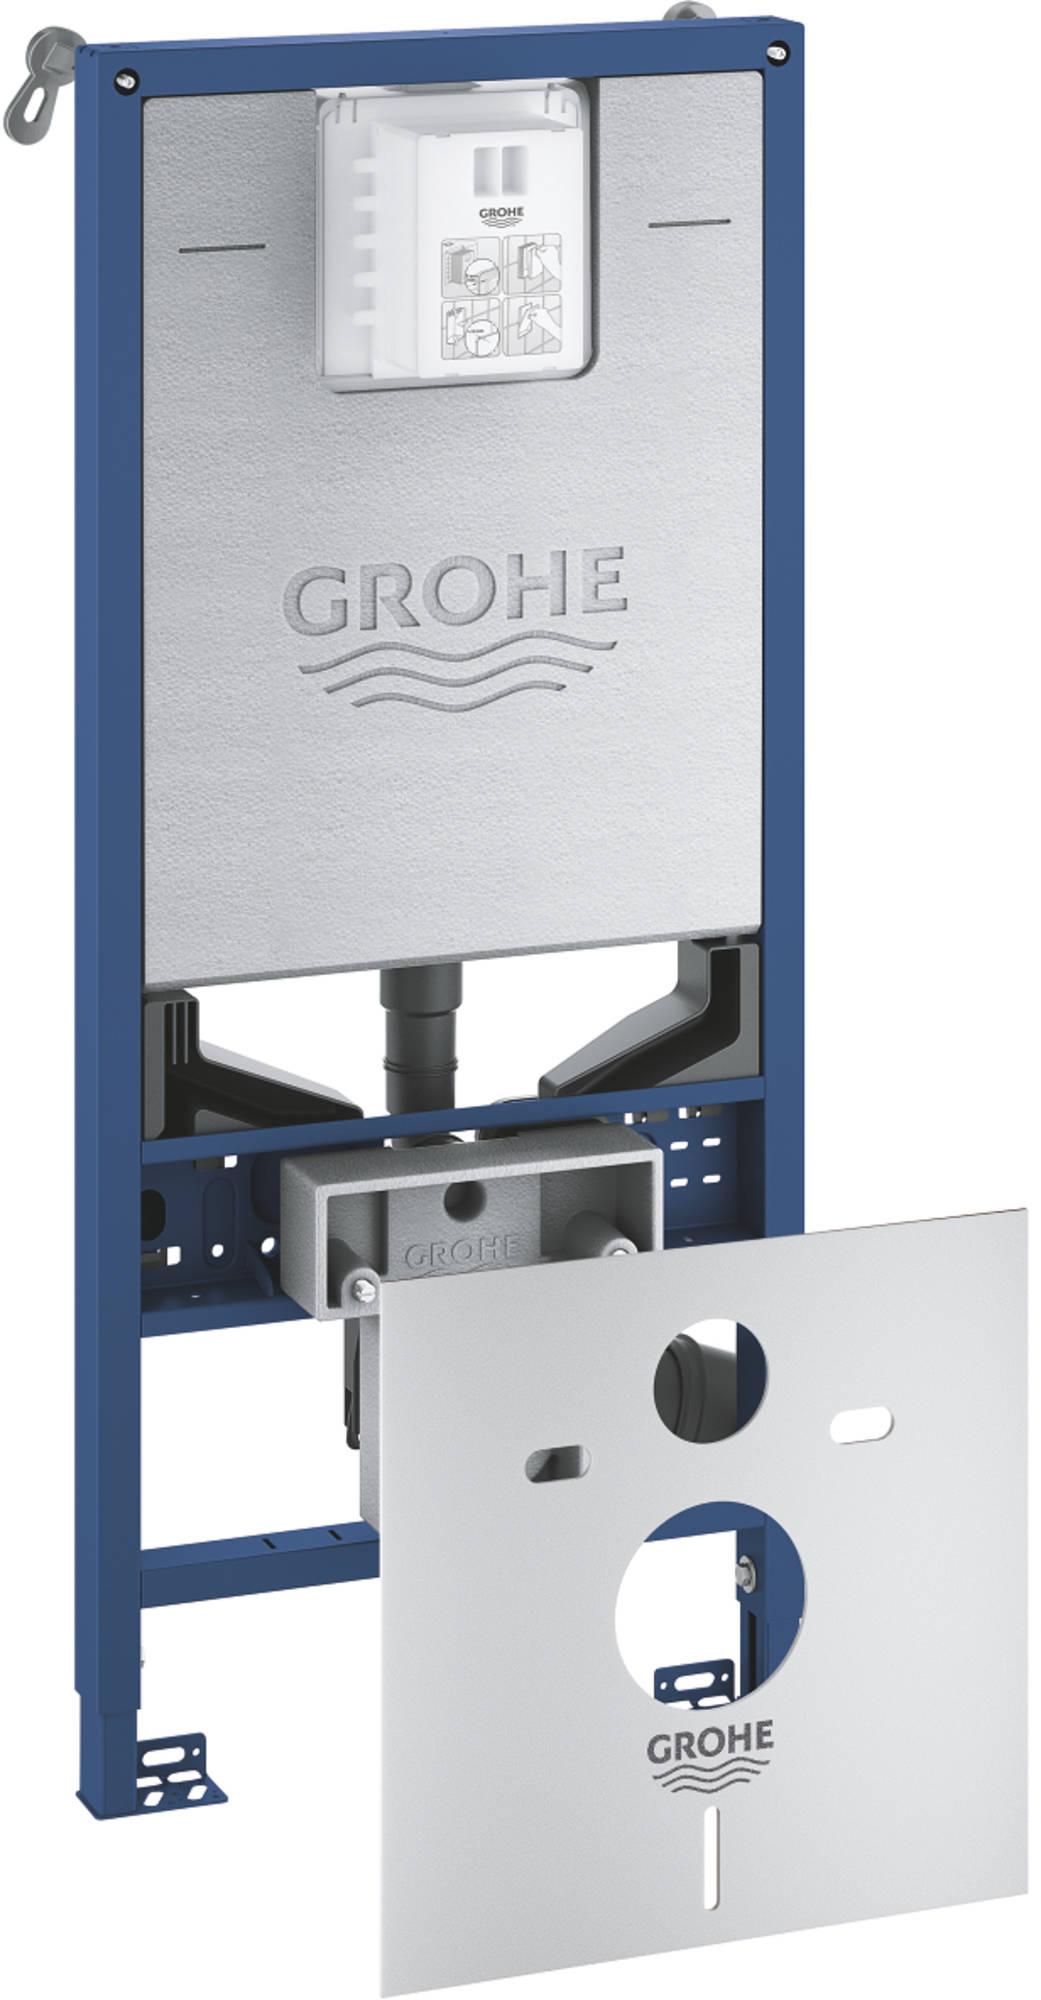 Productafbeelding van Grohe Rapid SLX inbouwreservoir 3-in-1 set 113cm